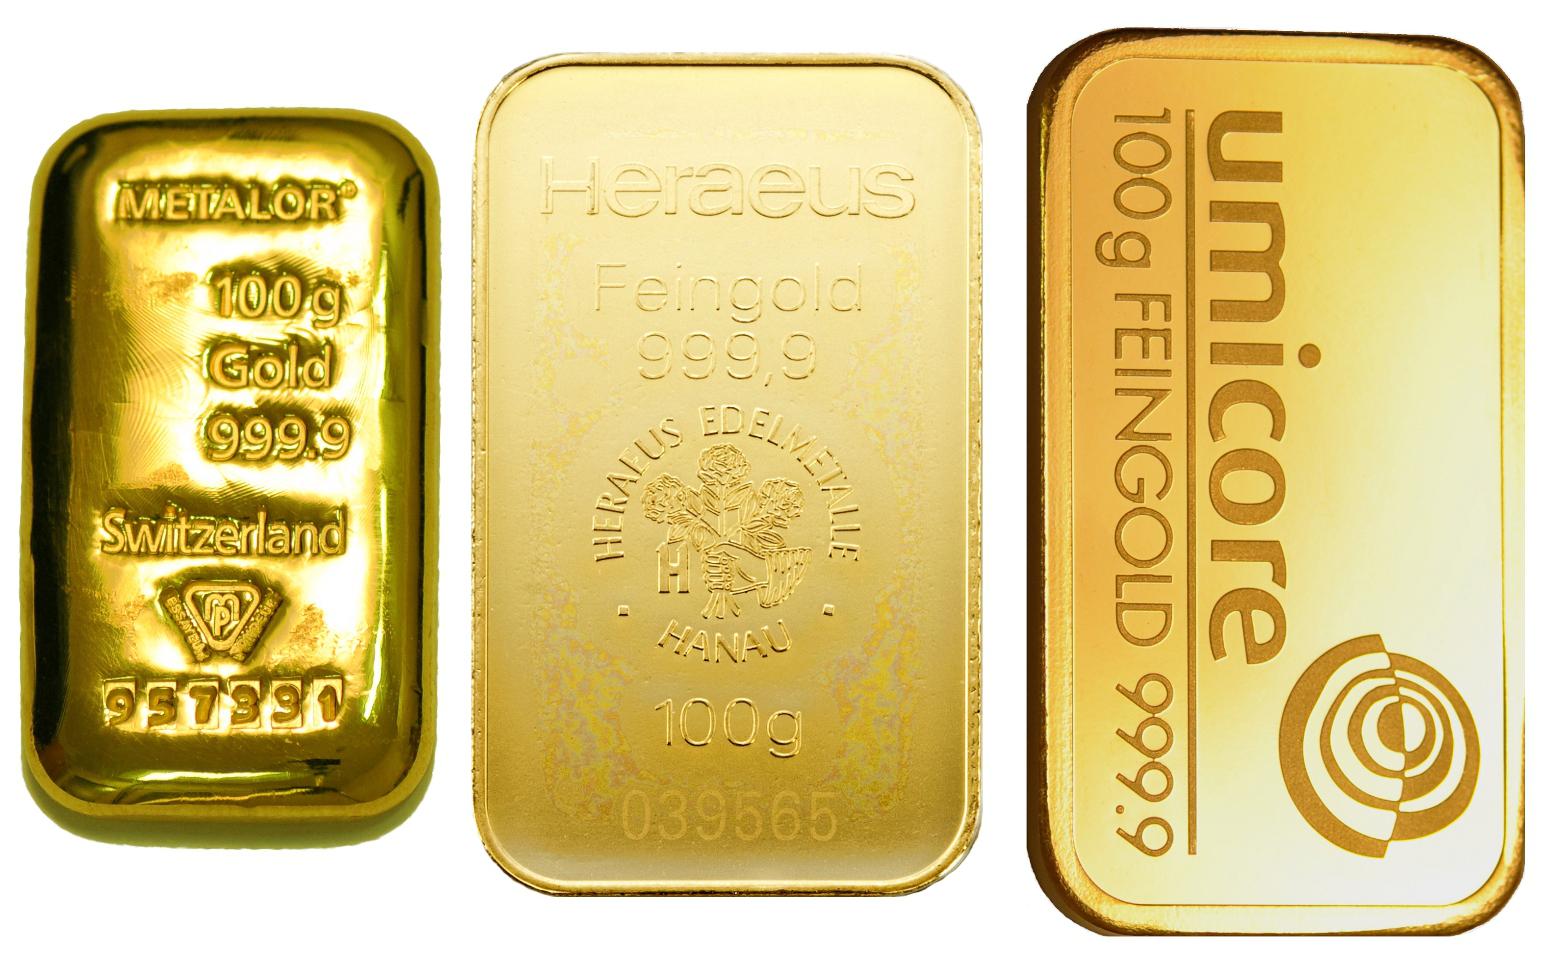 100g Gold Bars Best Value